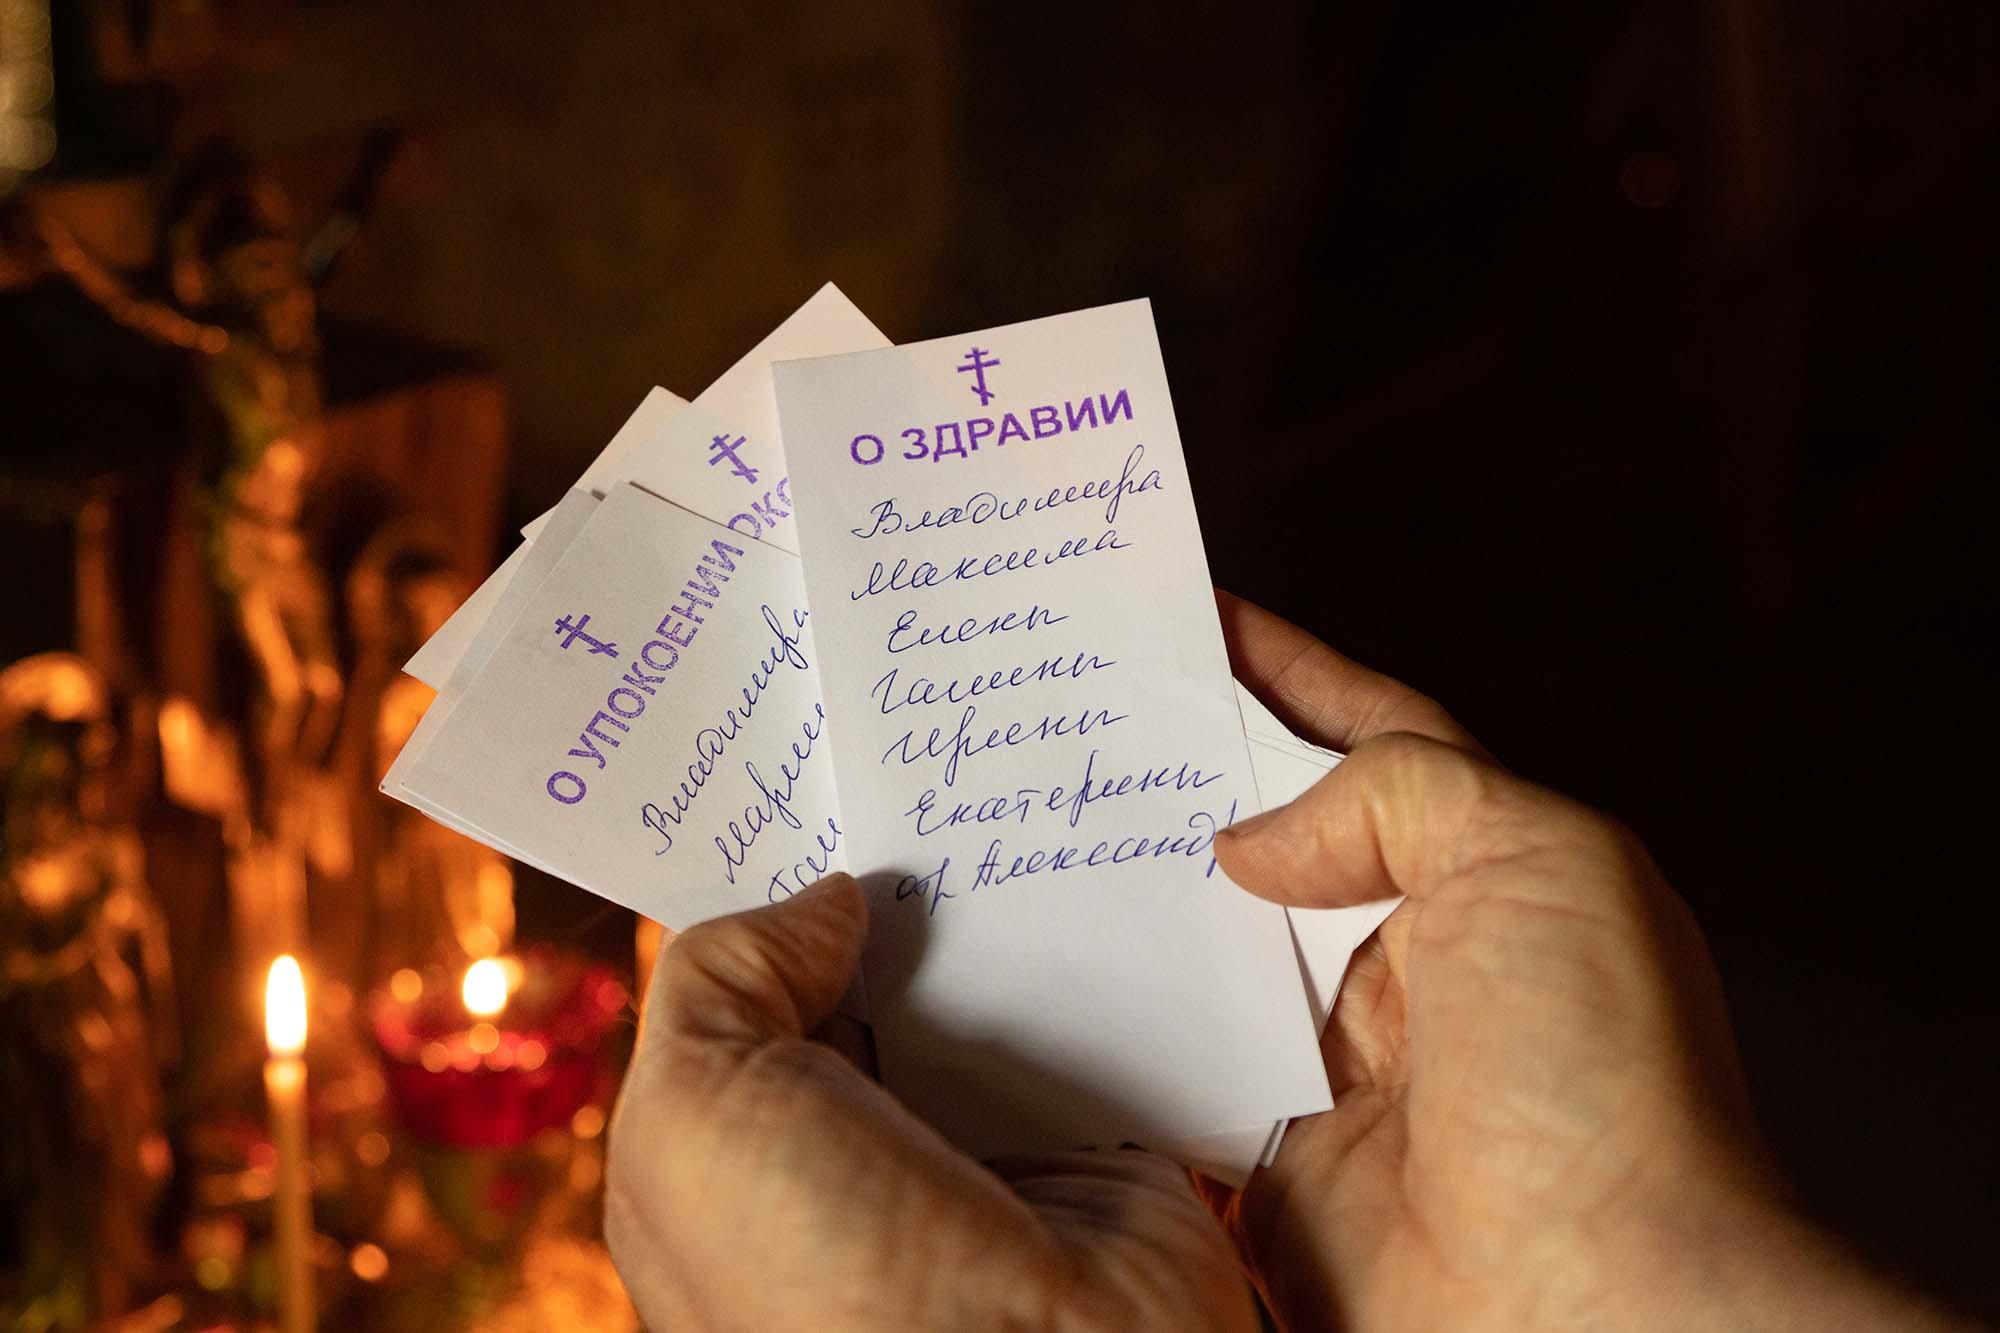 Требы на Воздвижение Креста Господня можно заказать дистанционно 25 сентября